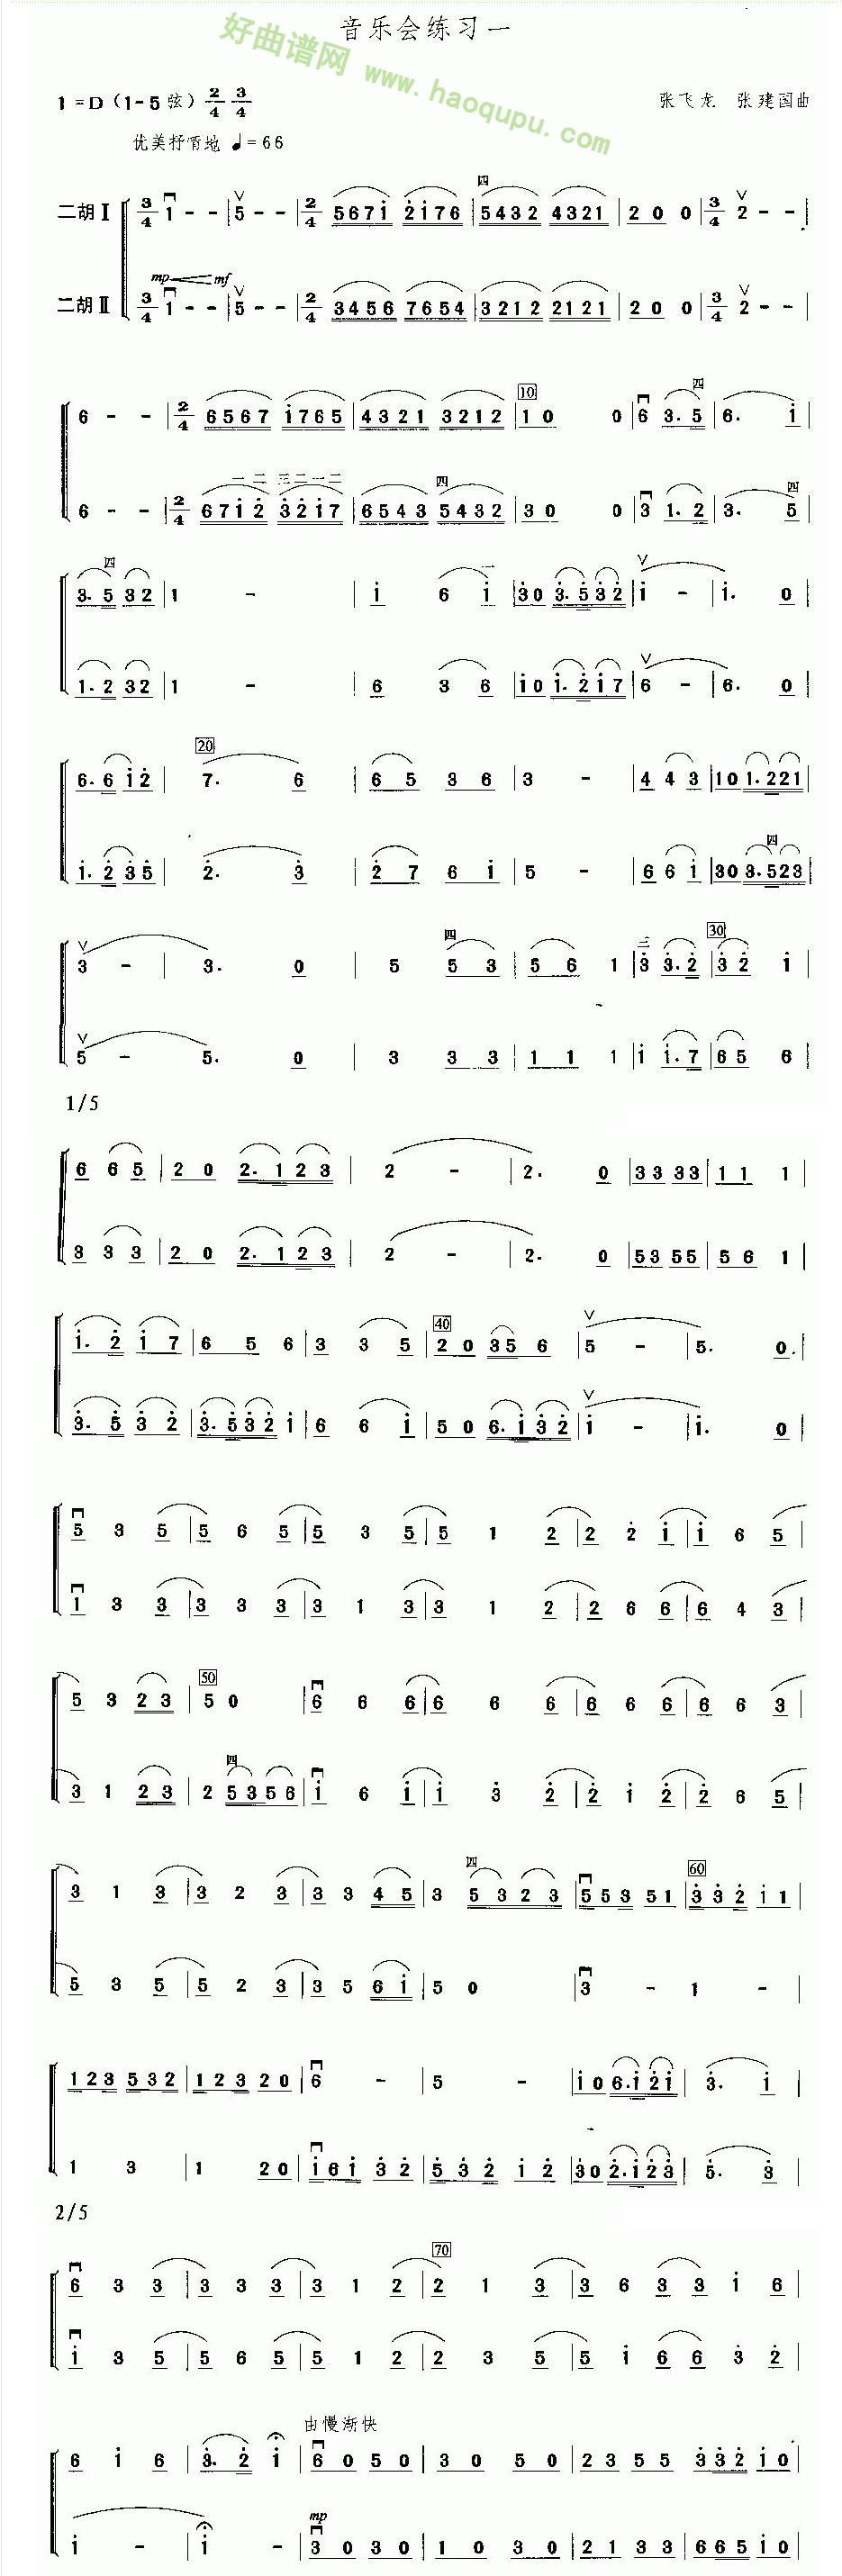 二重奏) - 二胡曲谱